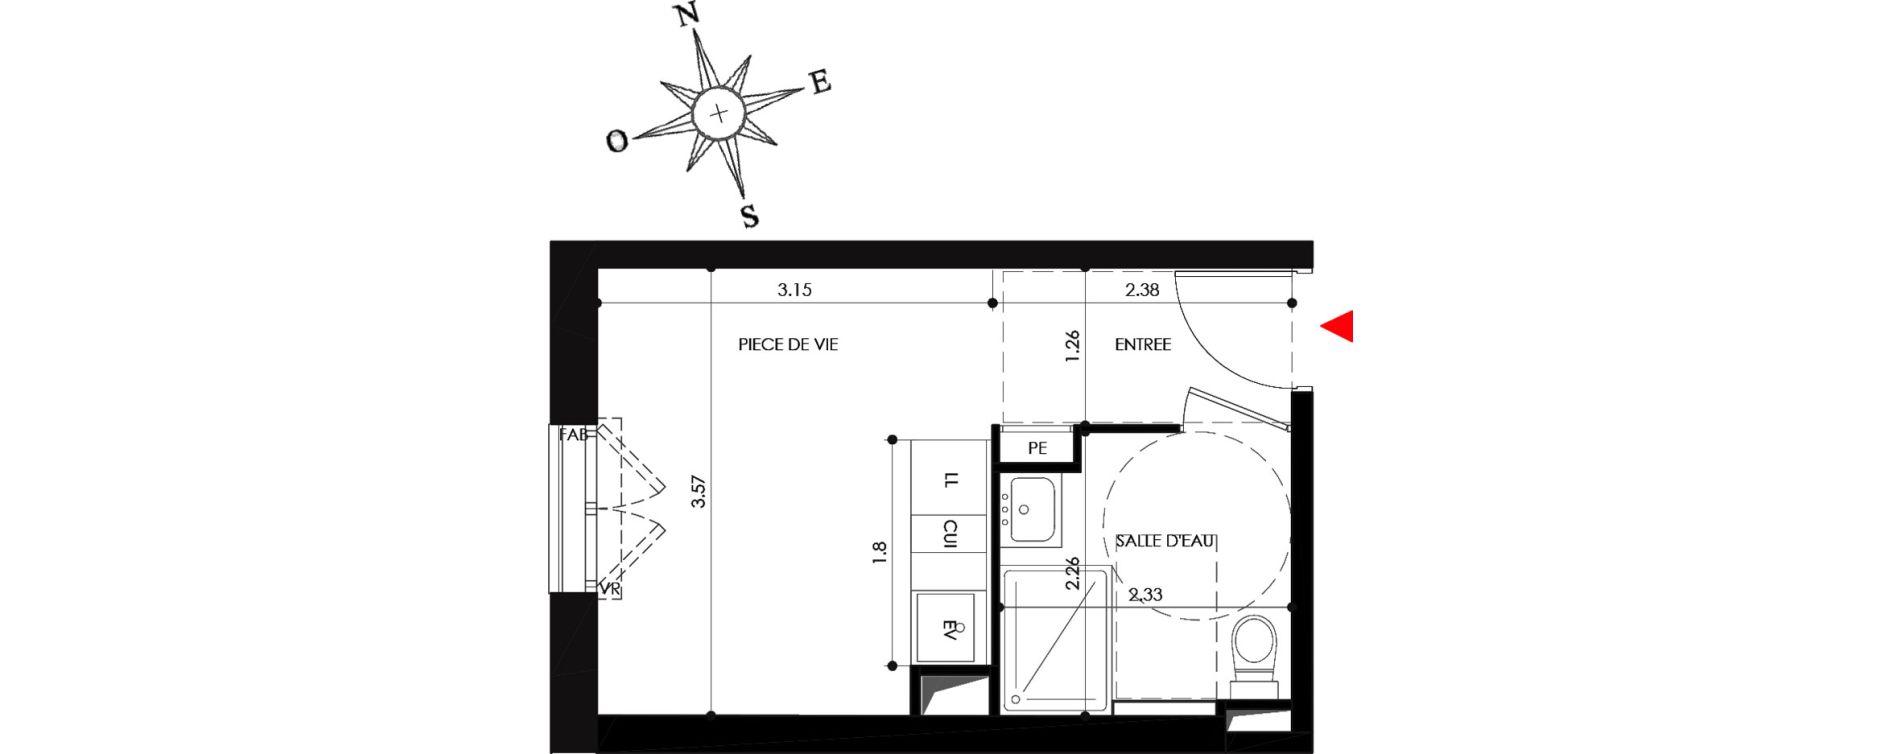 Appartement T1 de 19,00 m2 à Nancy Grand coeur